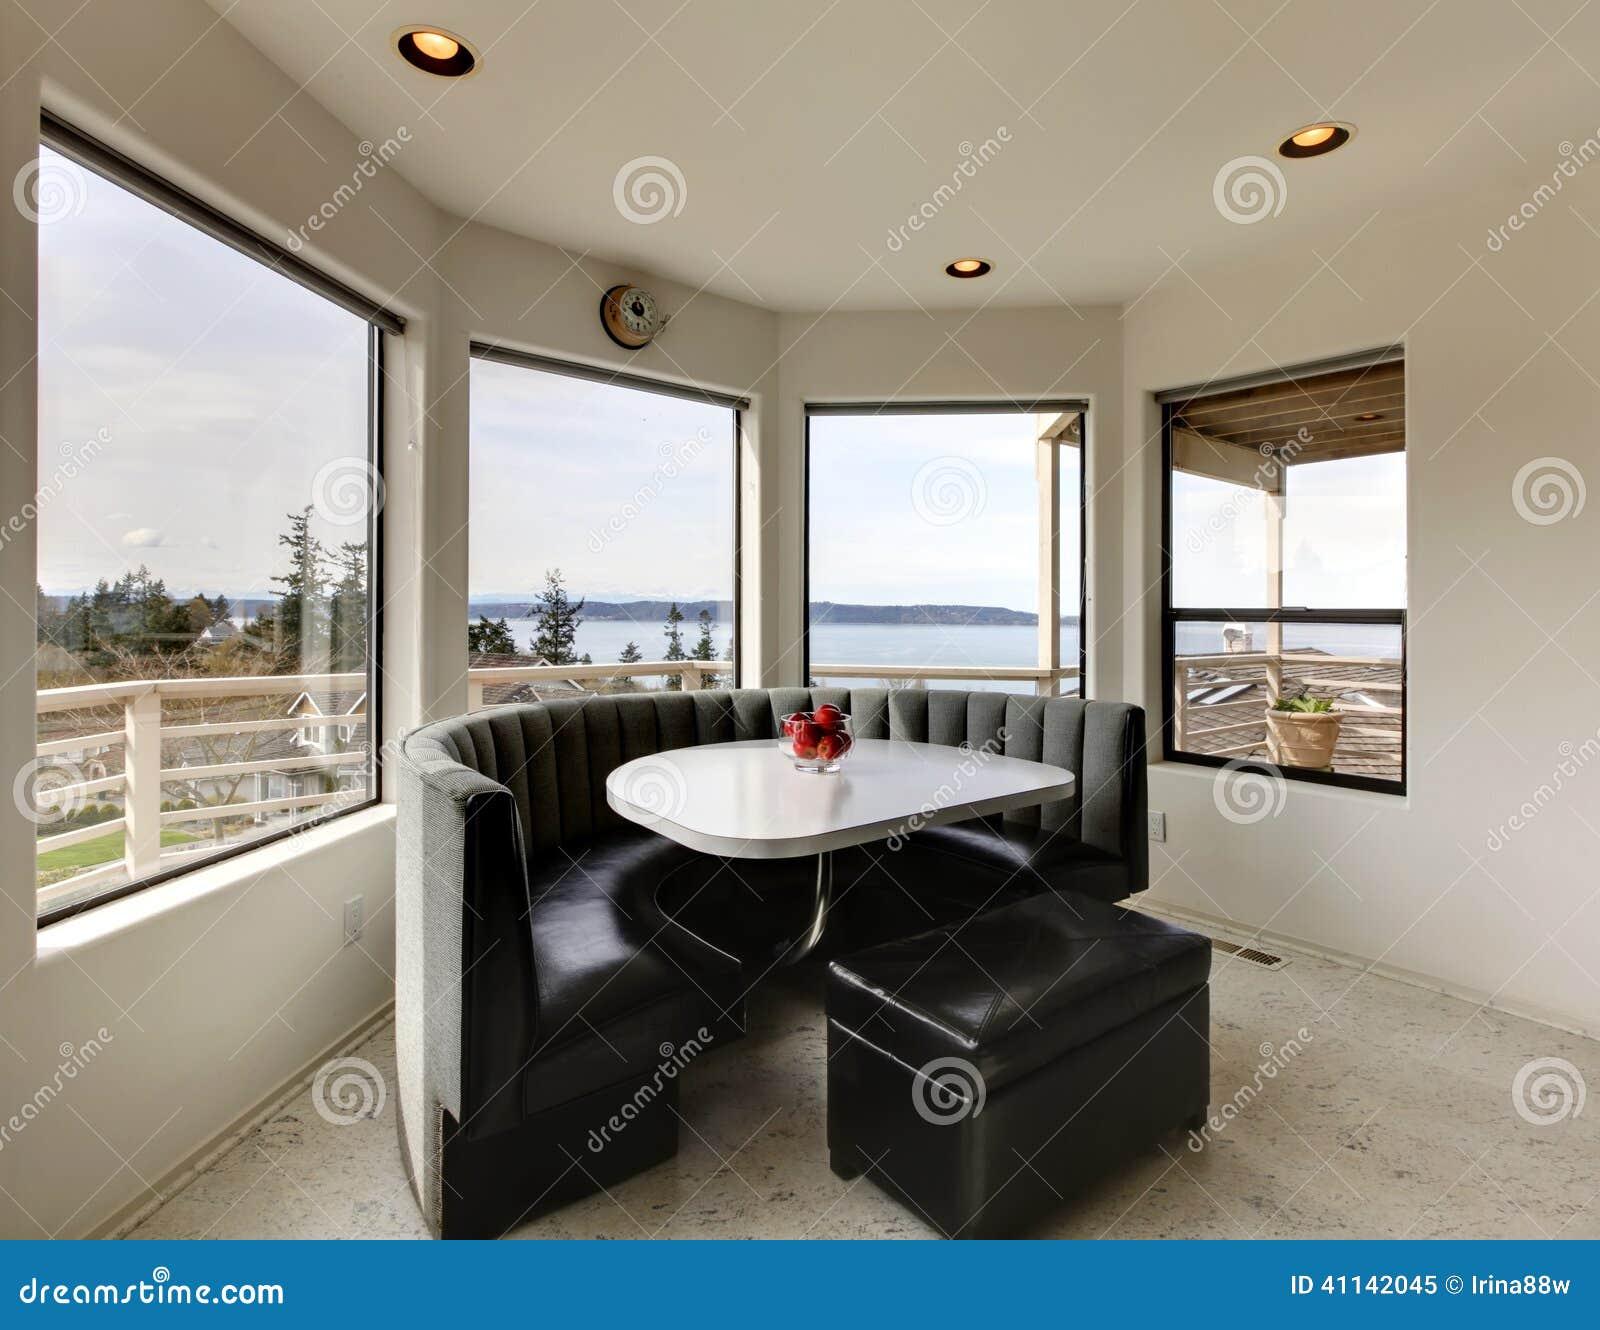 Salle manger moderne avec la vue de fen tre photo stock for La salle a manger